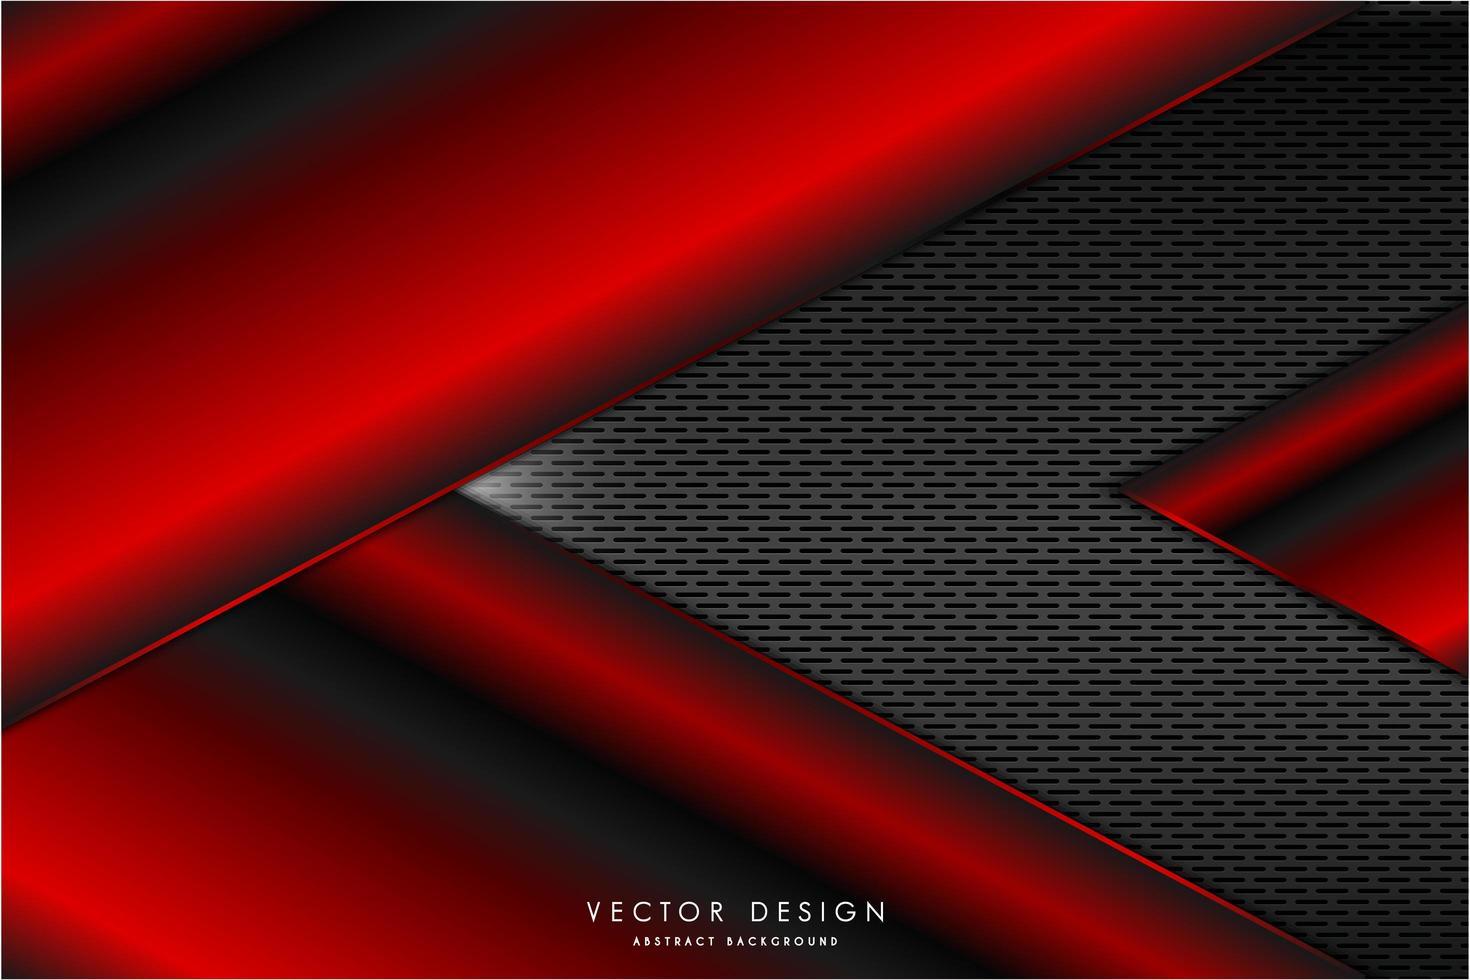 piatti metallici a forma di freccia rossa con texture a griglia grigia vettore